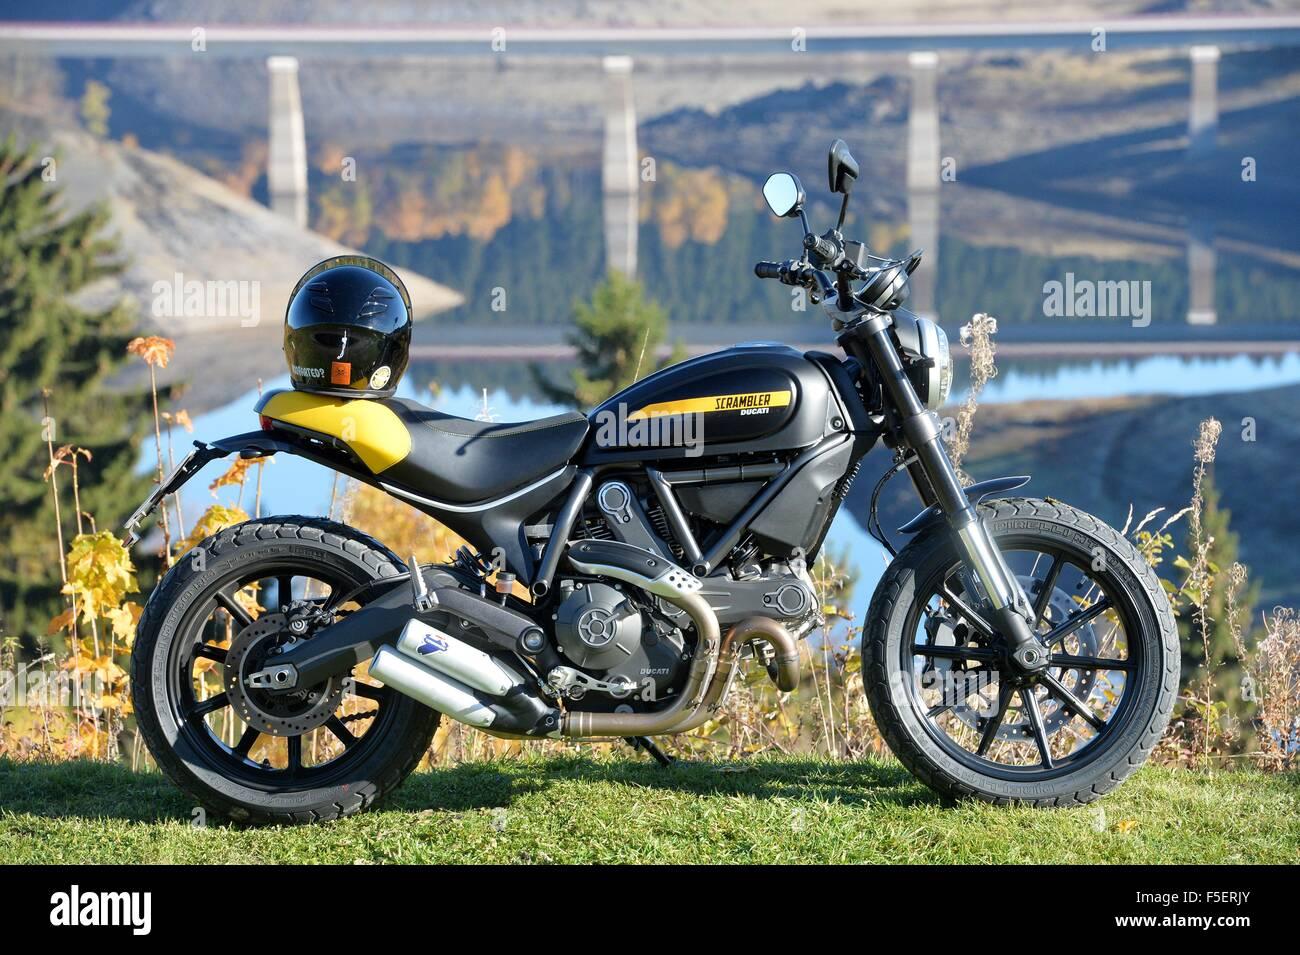 Ein Motorrad, Deutschland, in der Nähe von Stadt Schulenberg 2. November 2015. Foto: Frank Mai Stockbild